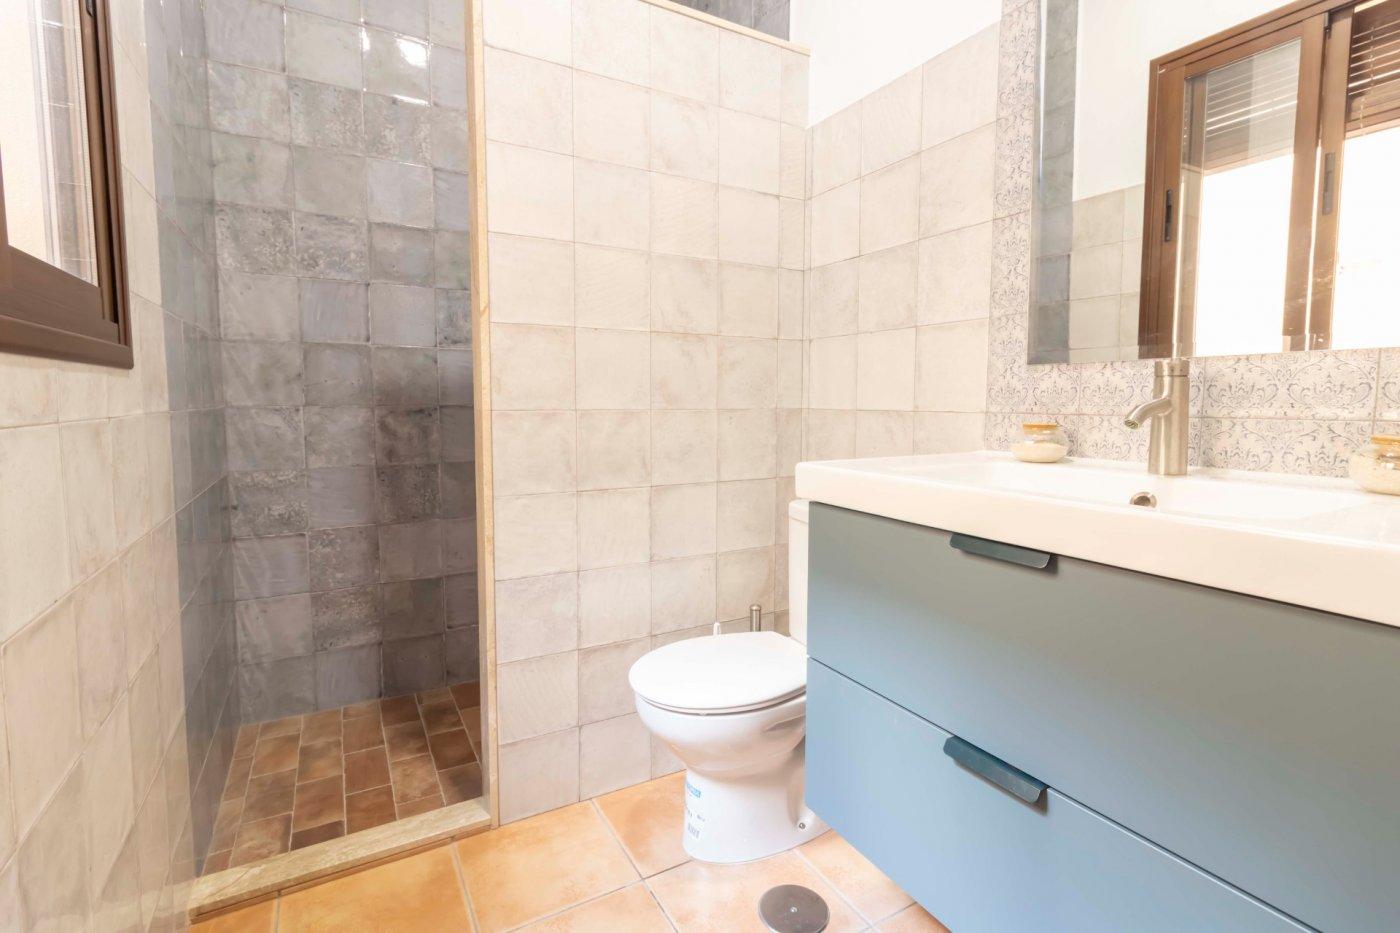 Casa de reciente construccion a la venta en carmona - imagenInmueble16